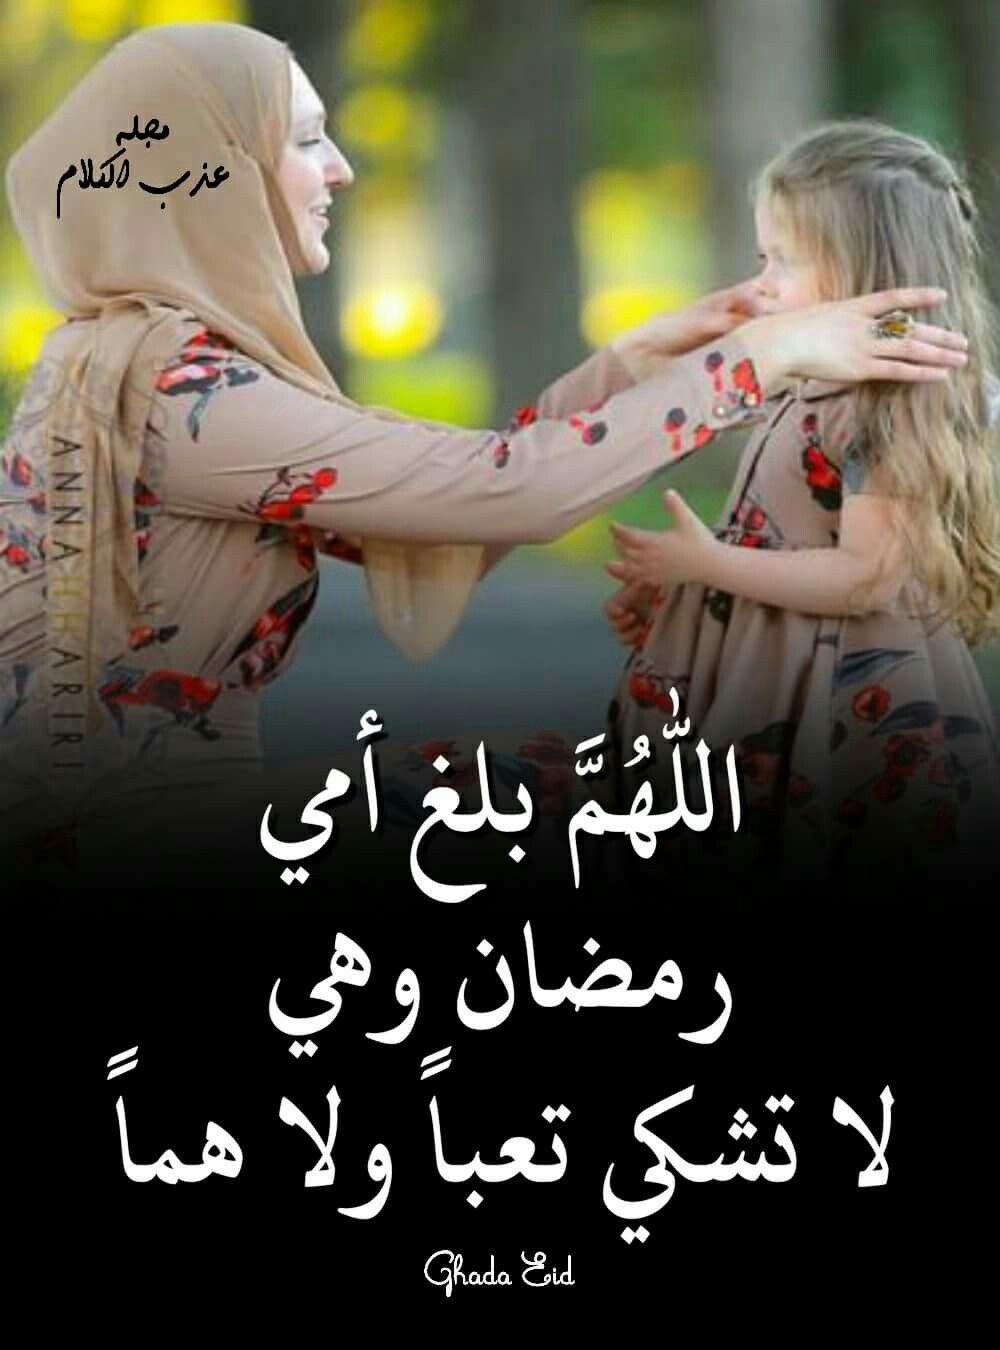 وجميع أمهات المسلمين يارب العالمين ومن كانت تحت التراب فليتولها الله برحمته Ramadan Islamic Wallpaper Ramadan Decorations